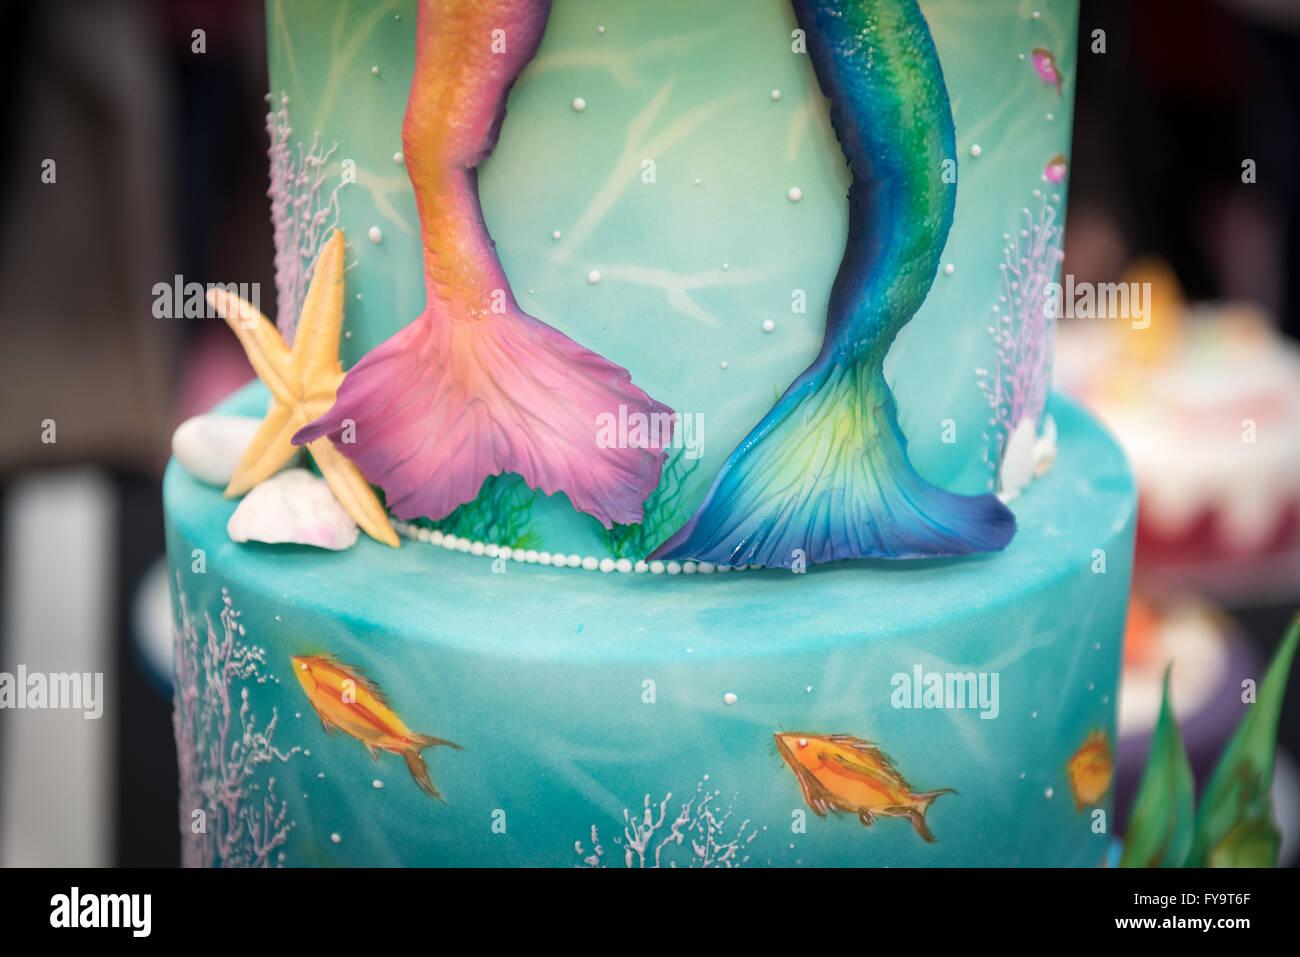 Meerjungfrau Schwanzen Paar Essbare Dekoration Auf Kuchen